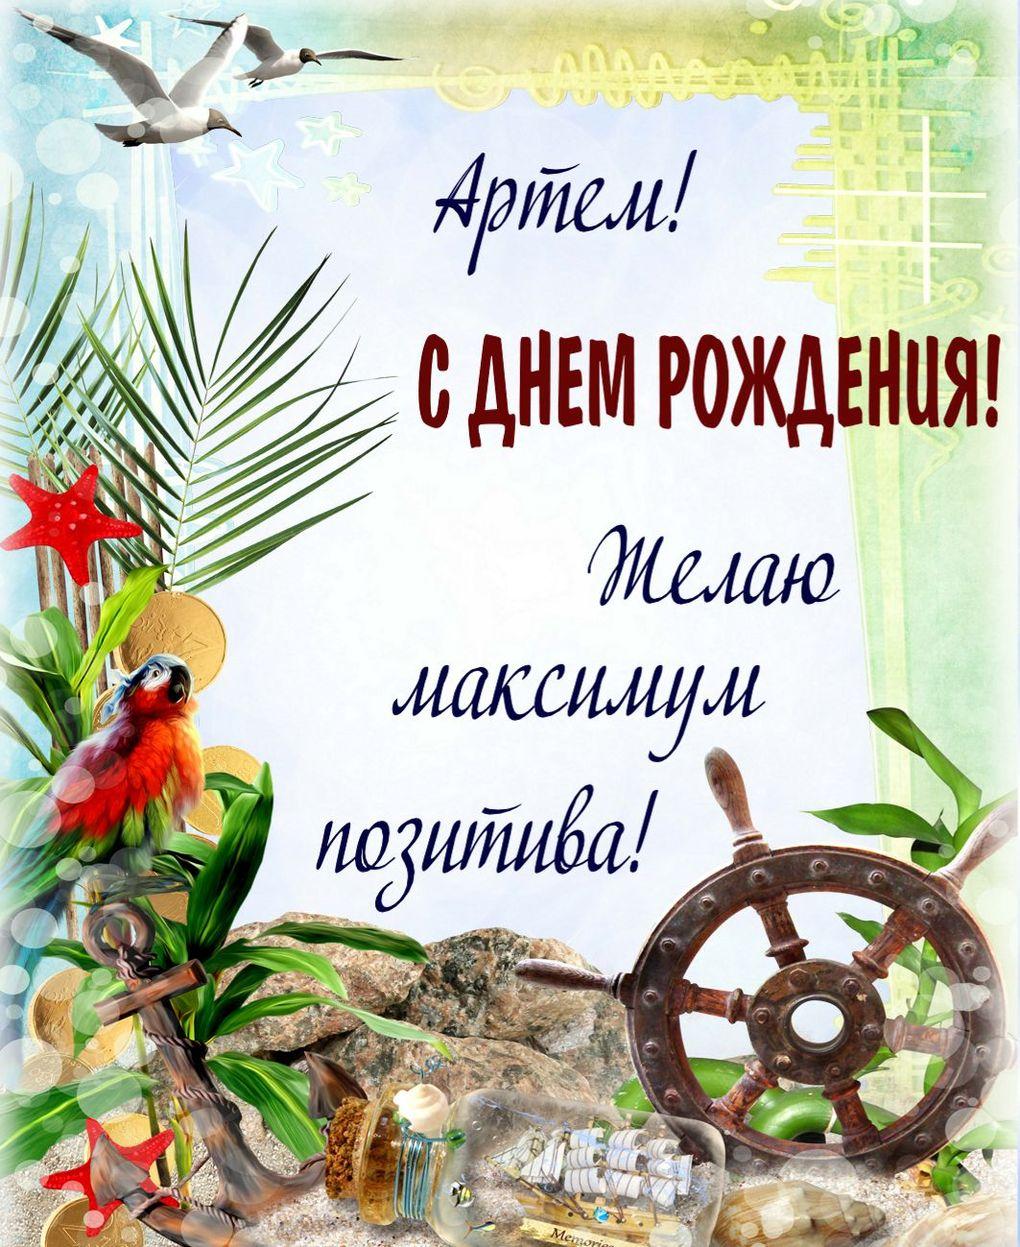 krasivye-kartinki-s-dnem-rozhdeniya-artem-18.jpg